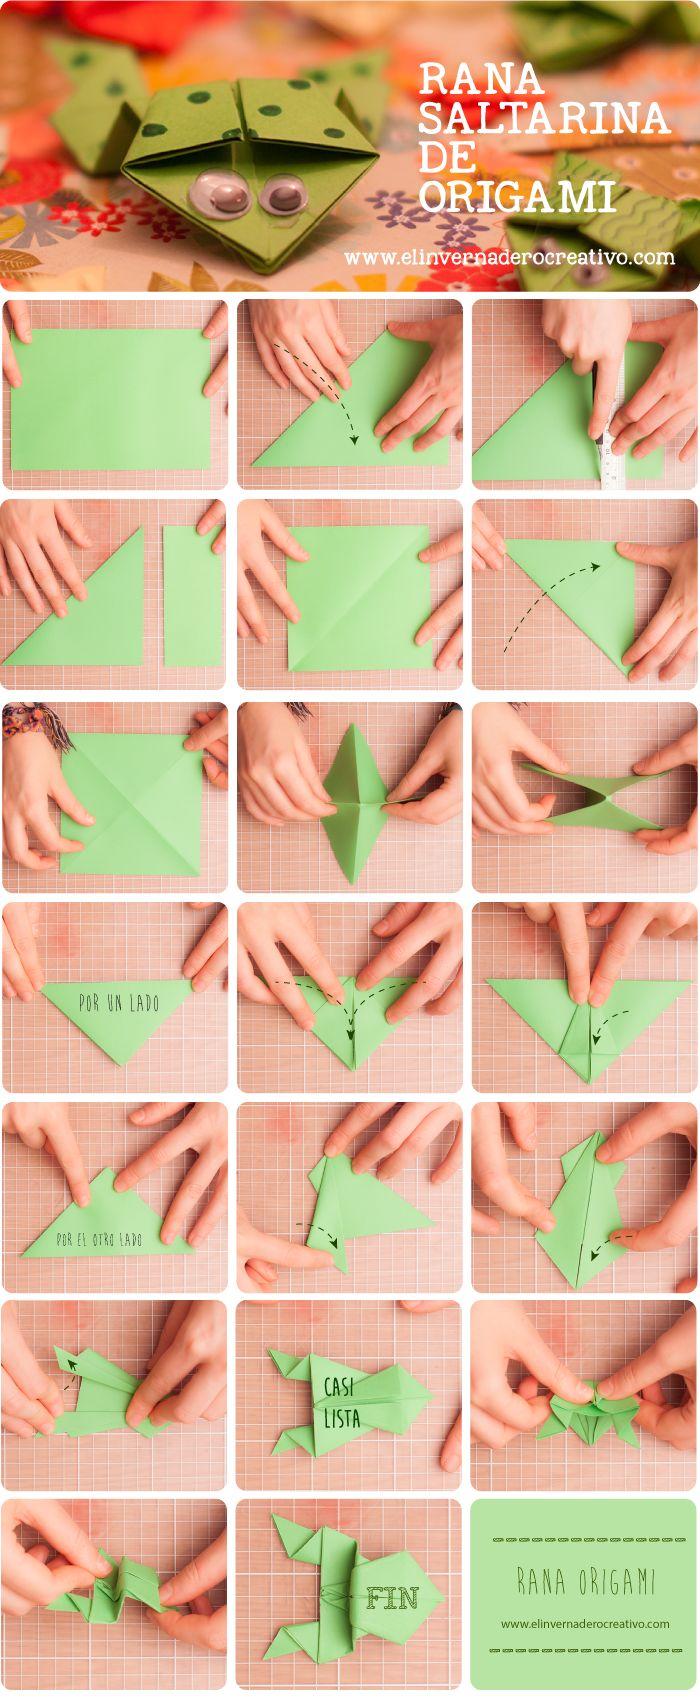 Tutorial: Ranas saltarinas origami. | El invernadero creativo